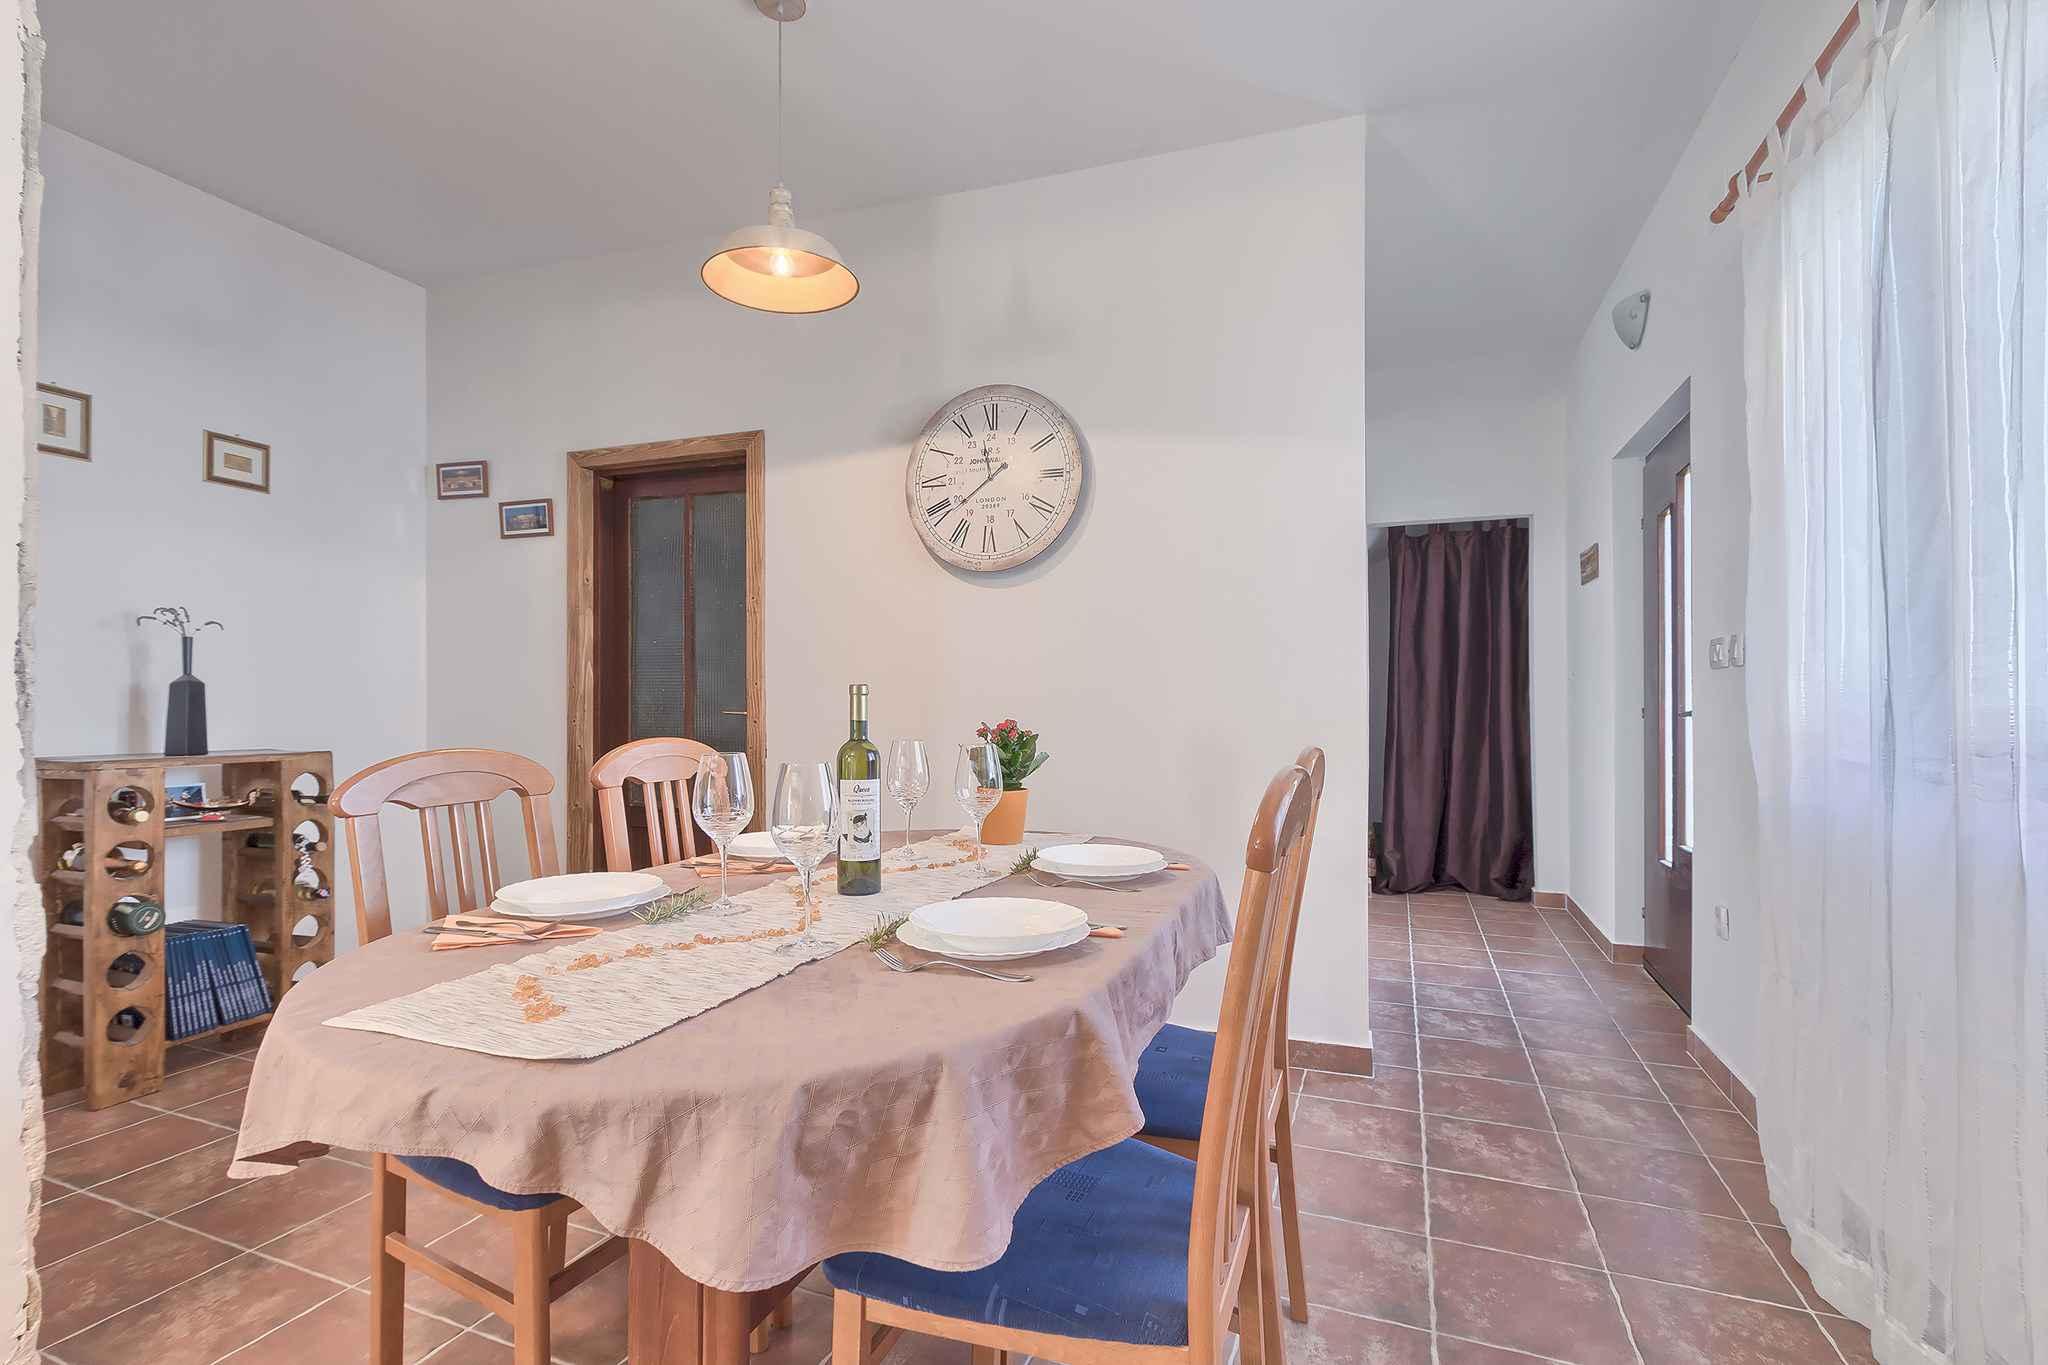 Ferienhaus mit Garten (470324), Marcana, , Istrien, Kroatien, Bild 10